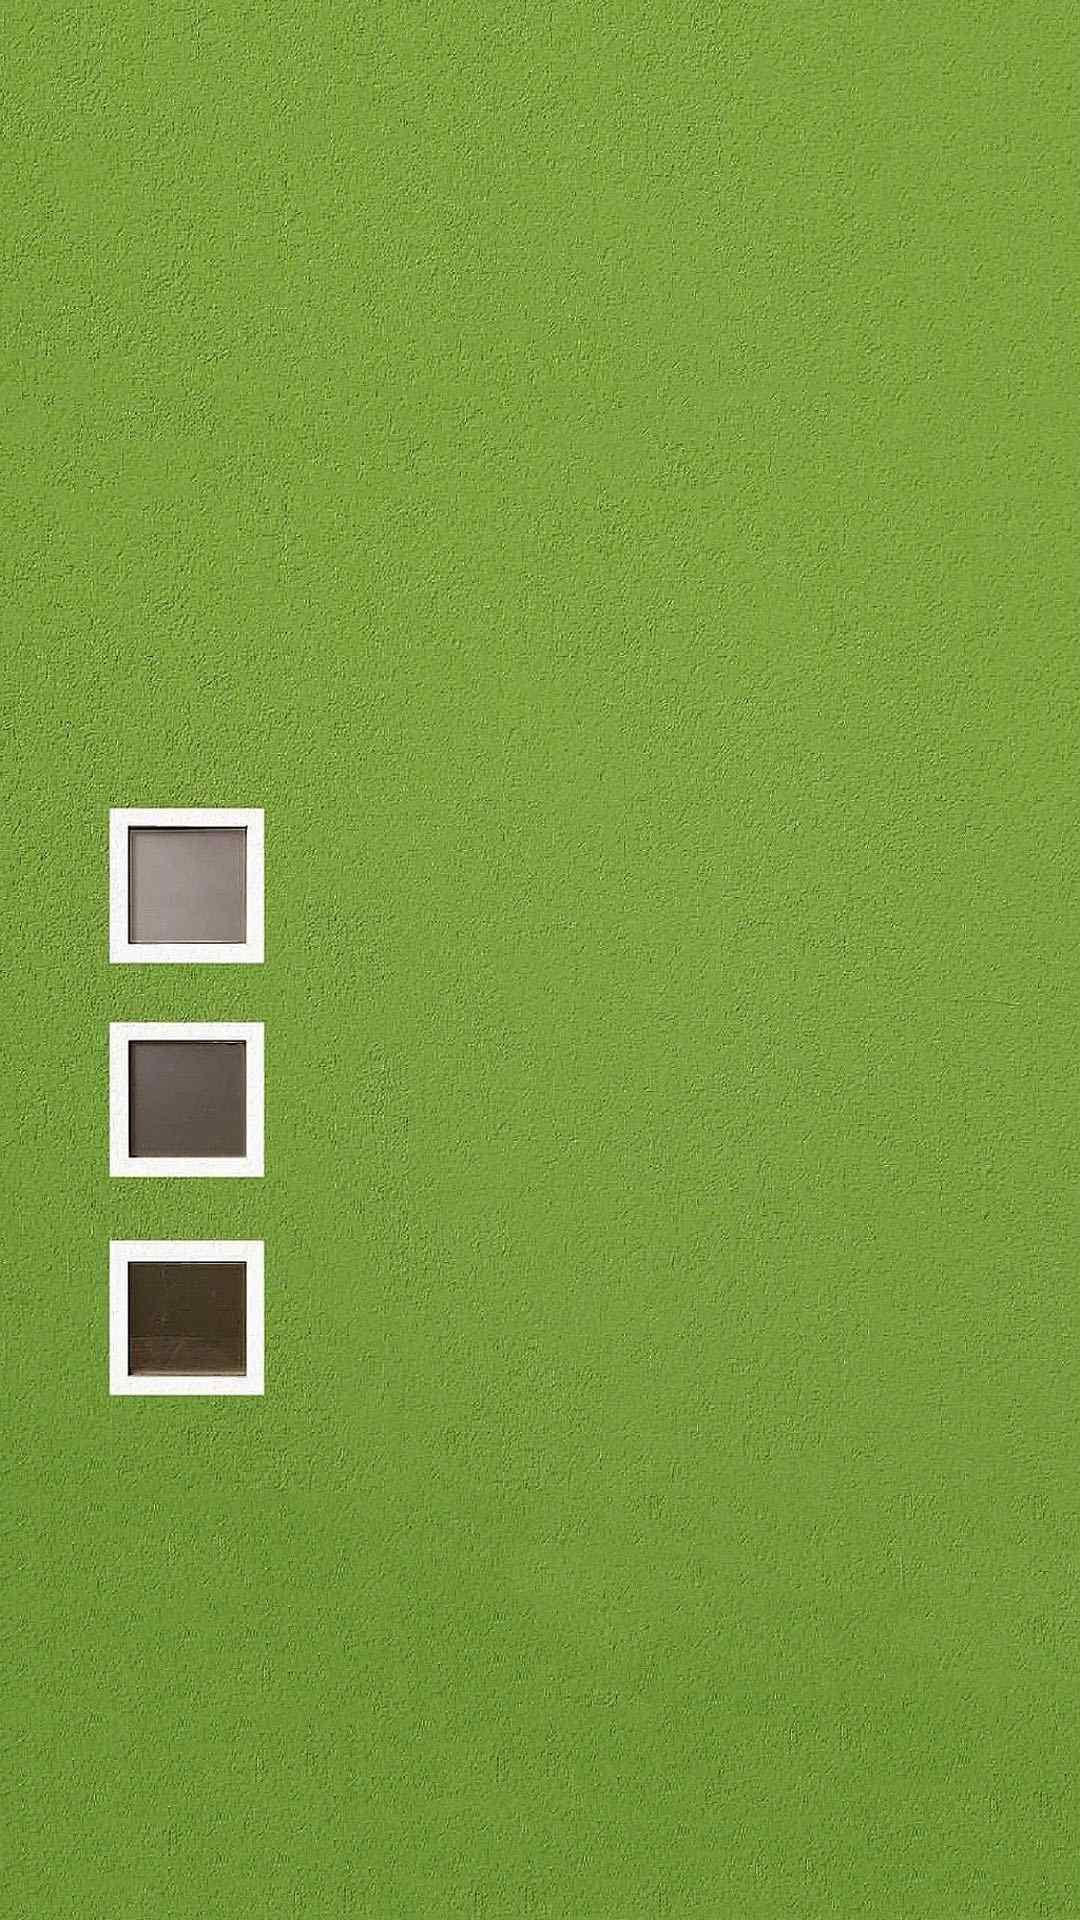 綠色護眼高清手機